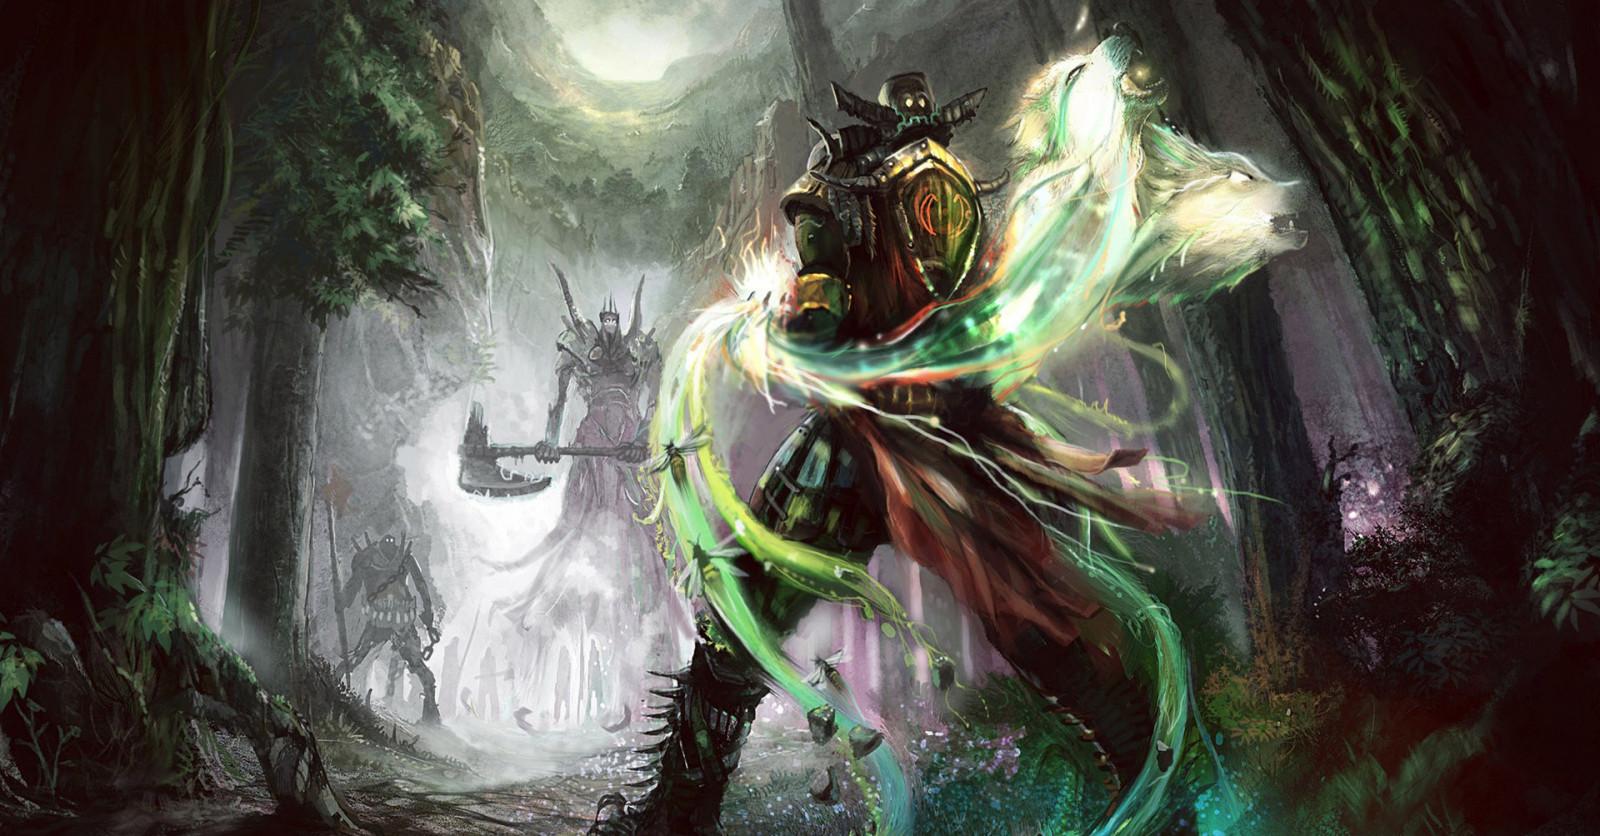 Baggrunde illustration mytologi tr m rke computer tapet fiktiv karakter fabelv sen - Cg background hd ...